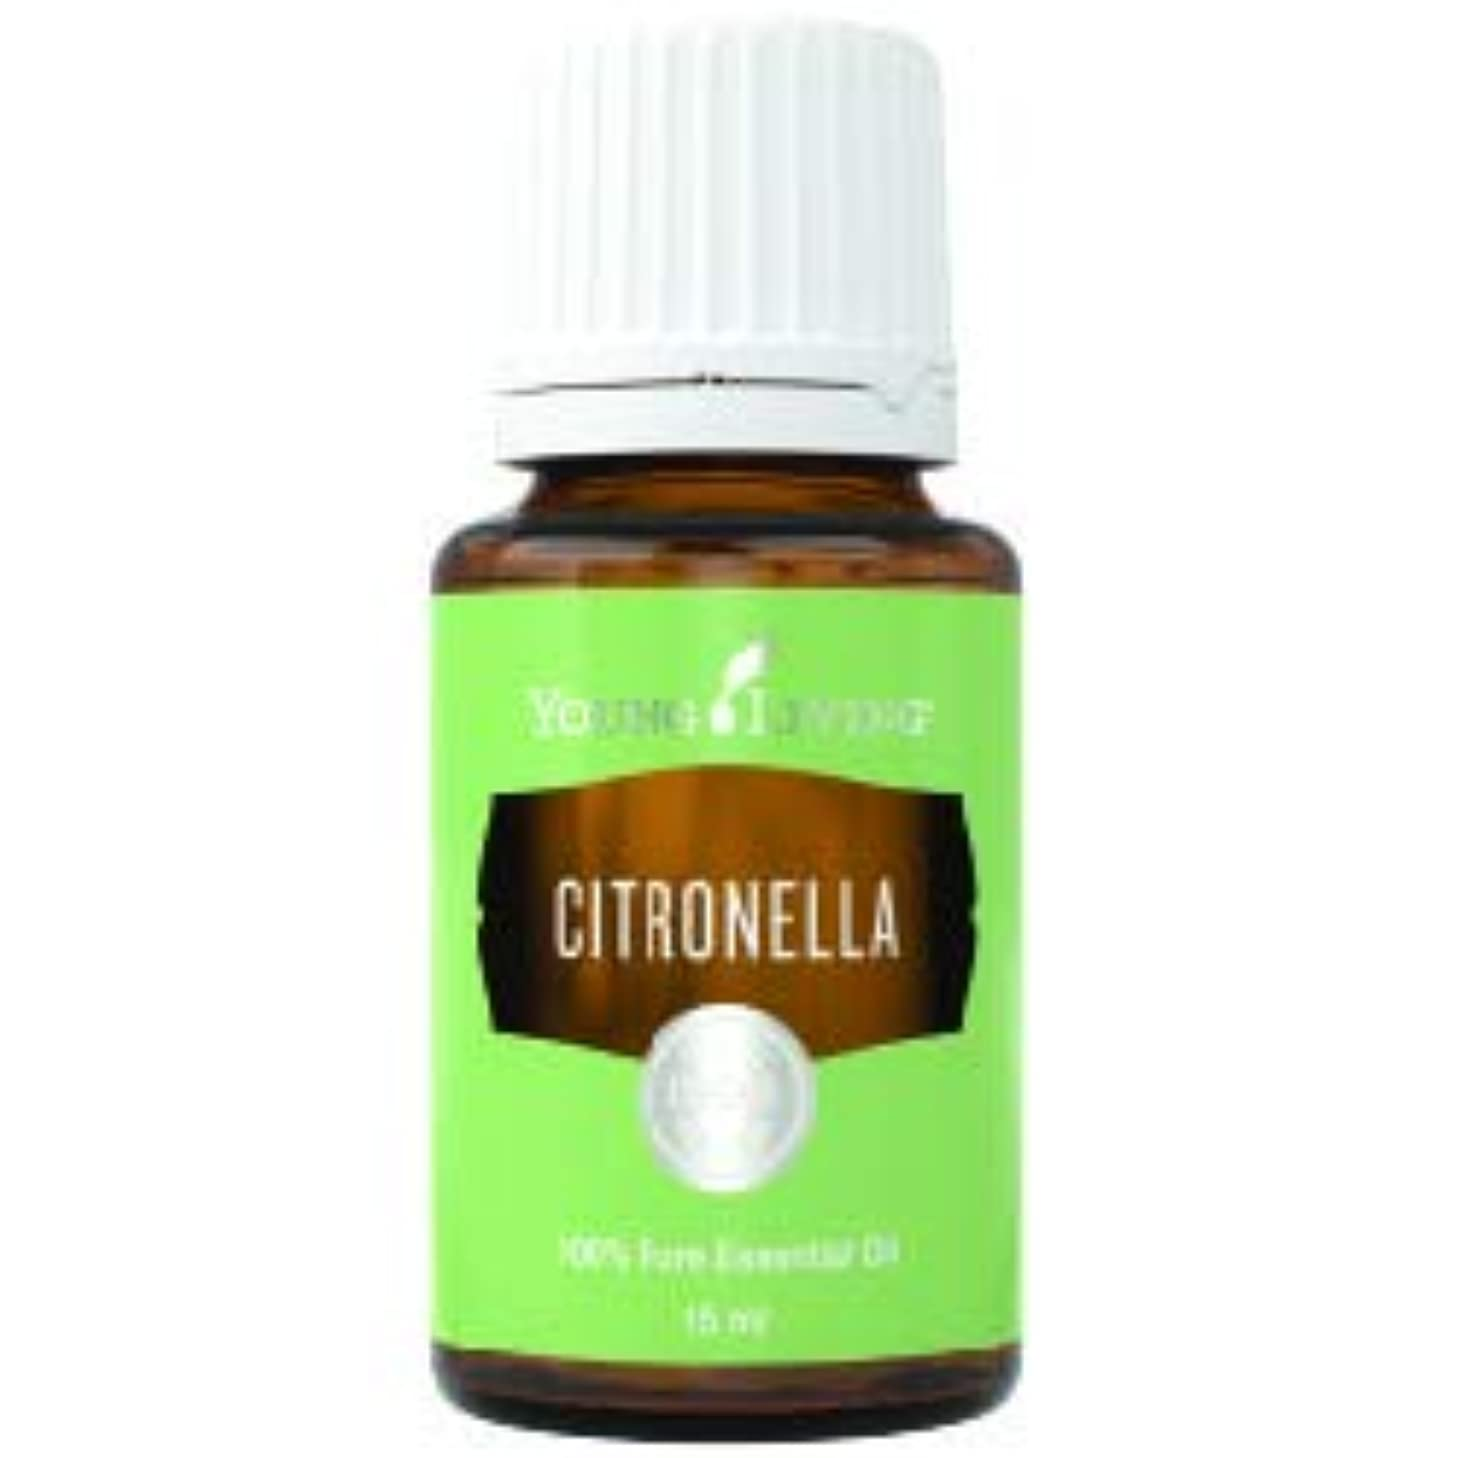 服同等の番目シトロネラエッセンシャルオイル15 ml byヤングリビングマレーシア Citronella Essential Oil 15 ml by Young Living Malaysia